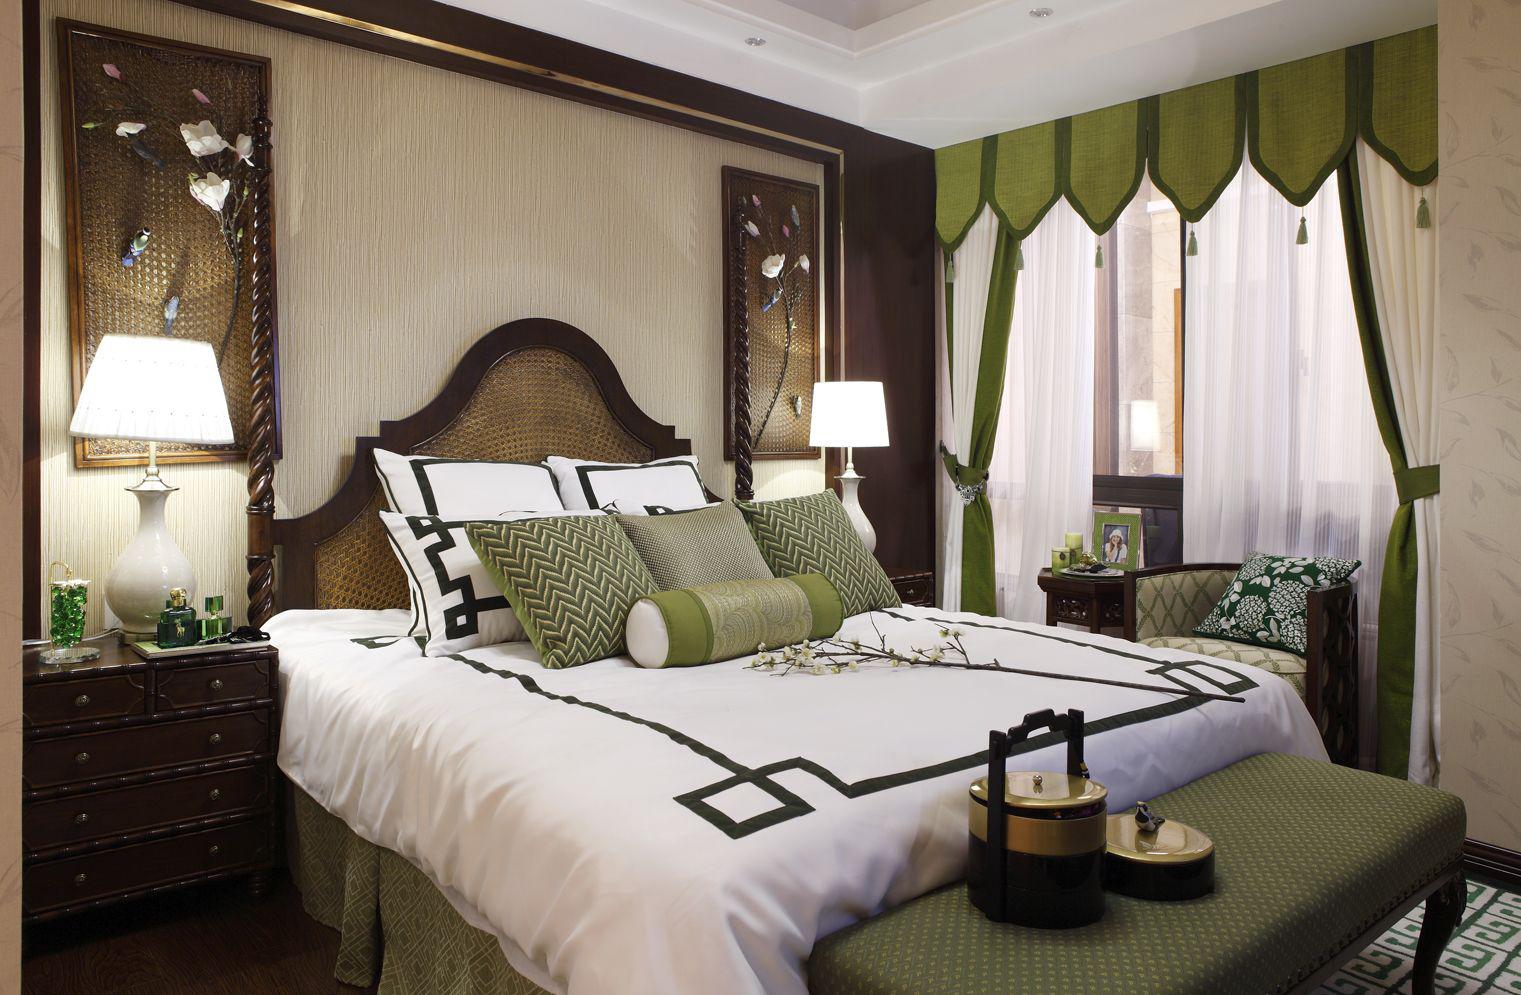 卧室的背景墙则用一幅横向长条画装饰,带有动态感的内容使得温馨中添加了一丝动感。